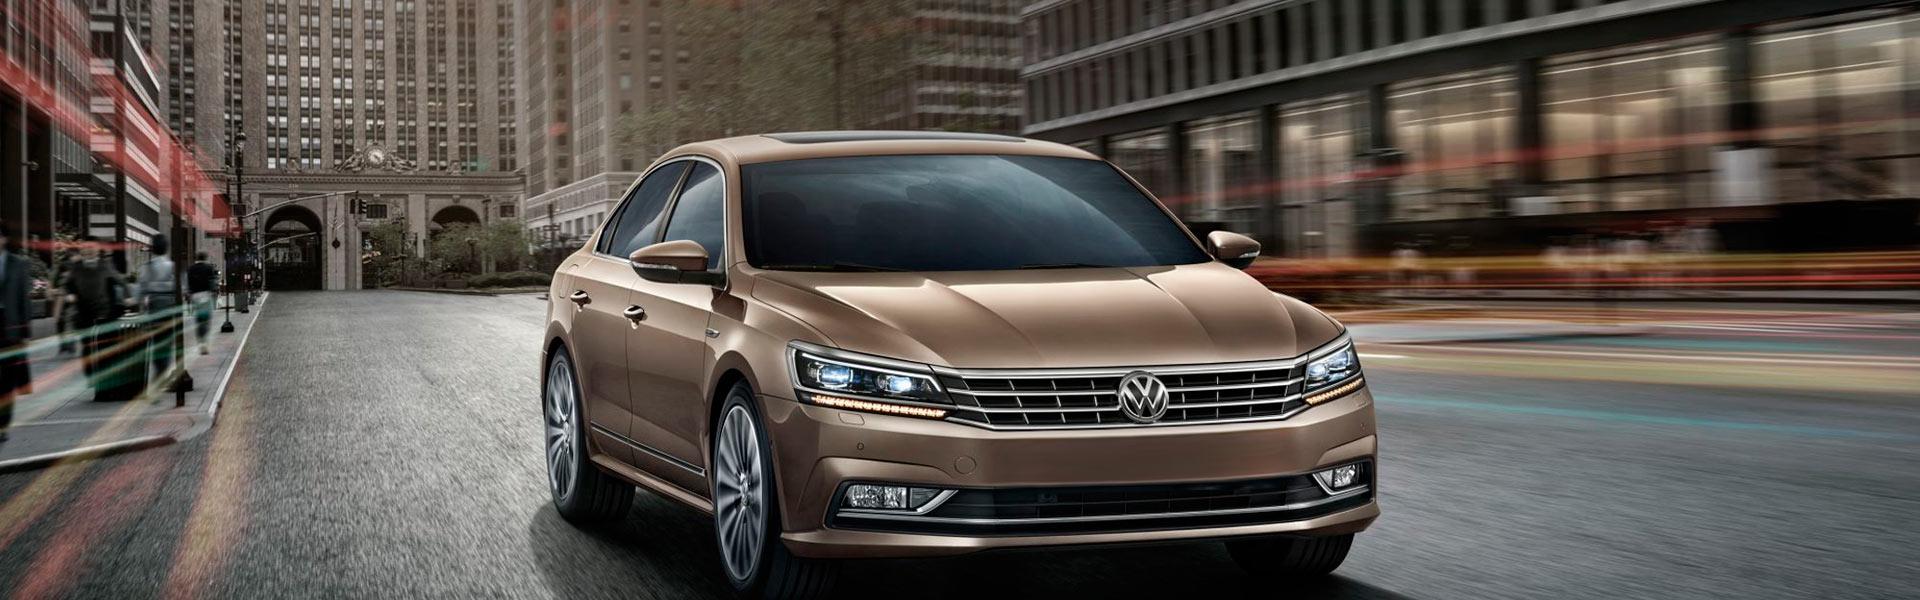 Воздушный фильтр на Volkswagen Passat